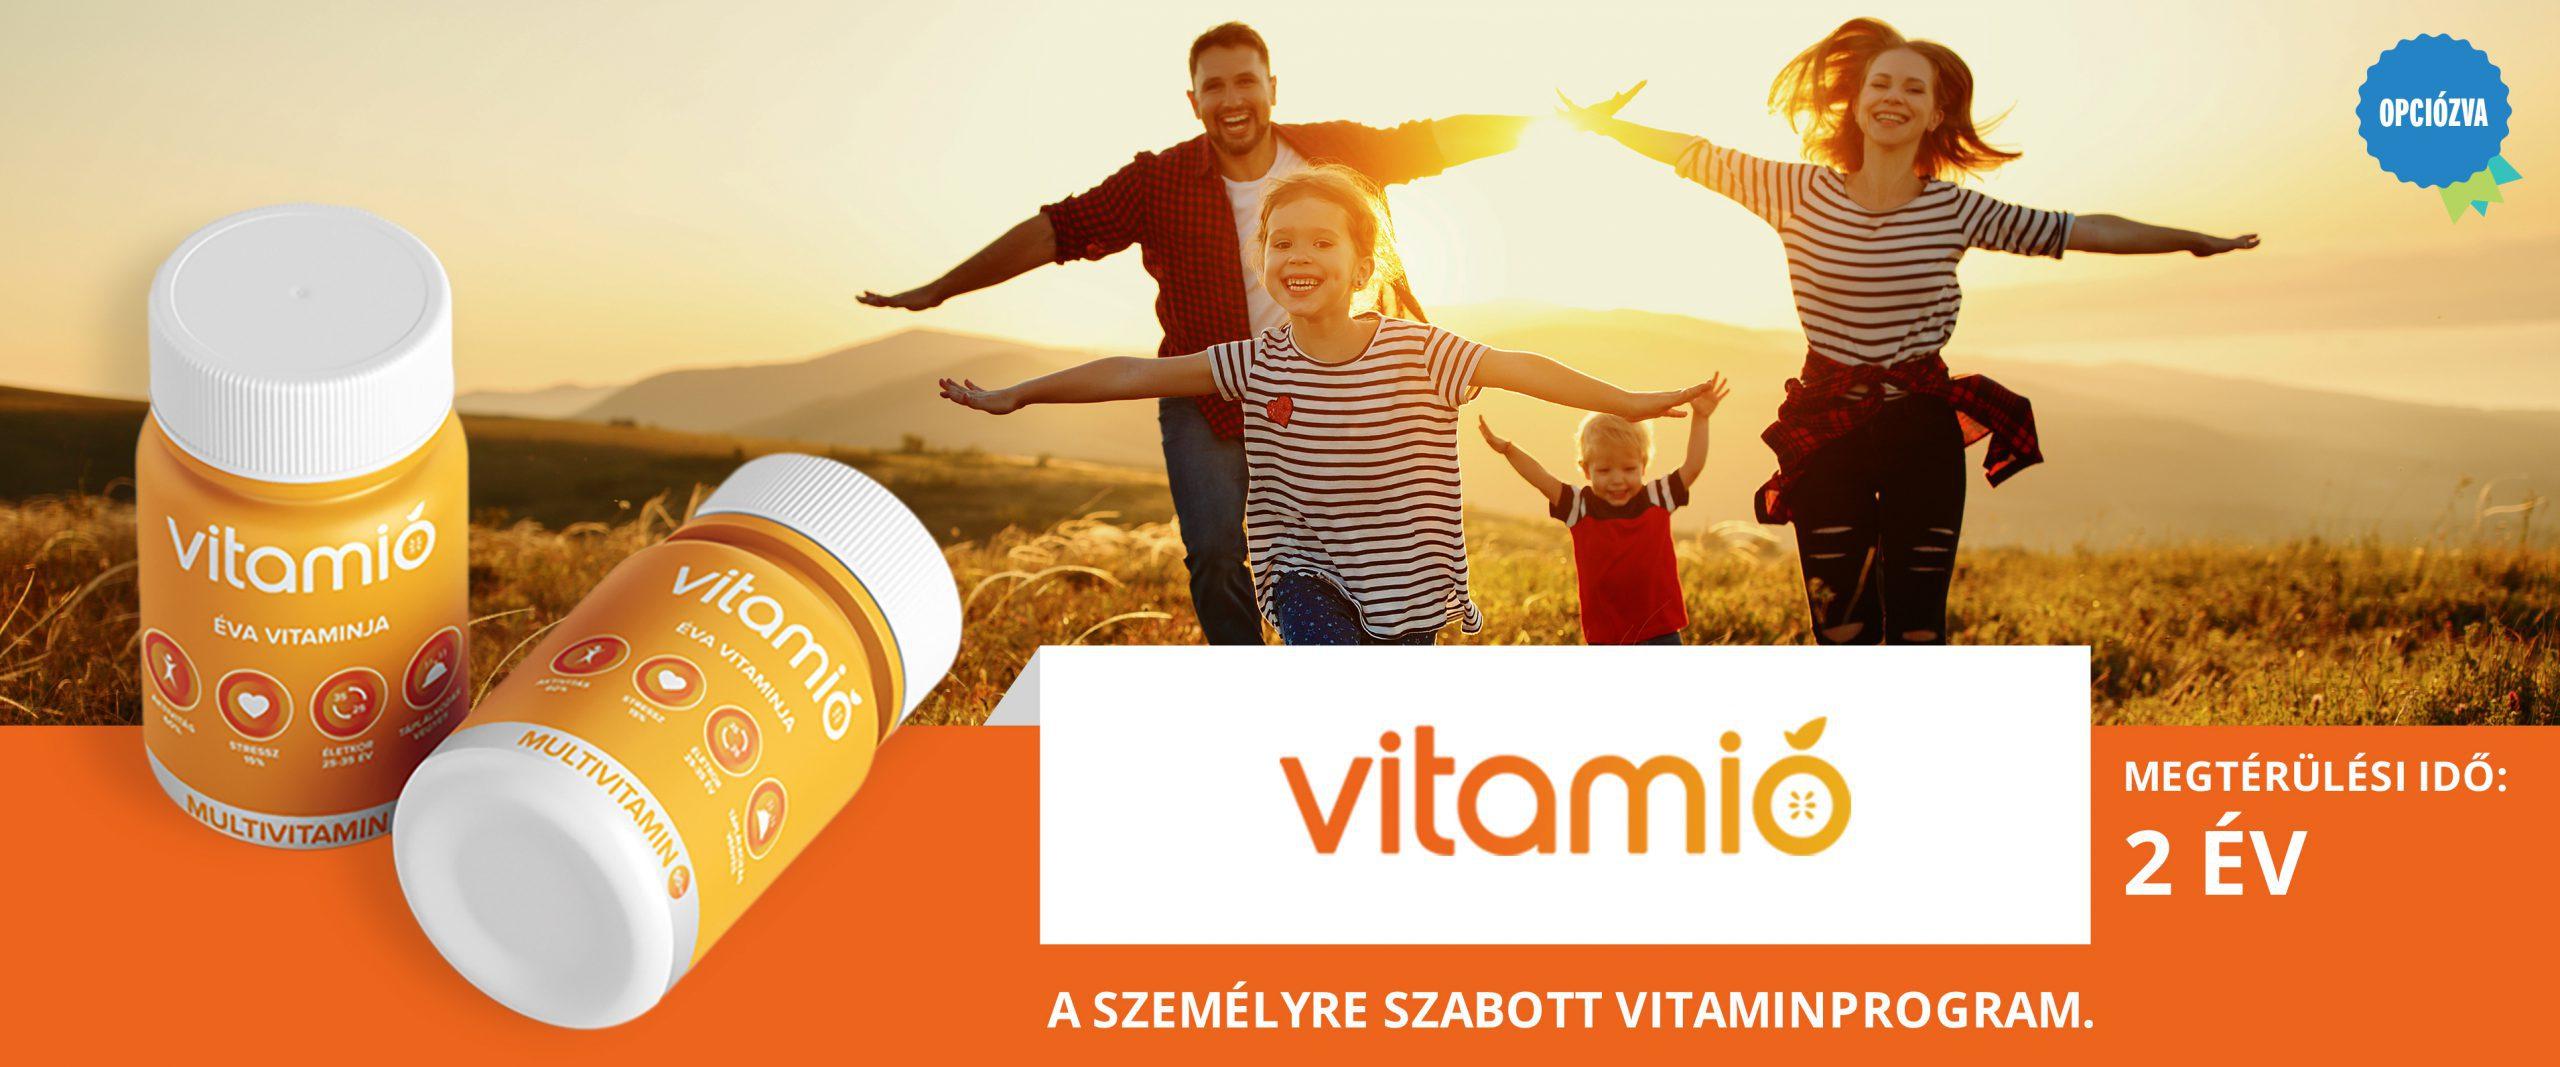 vitamio-desktop-c